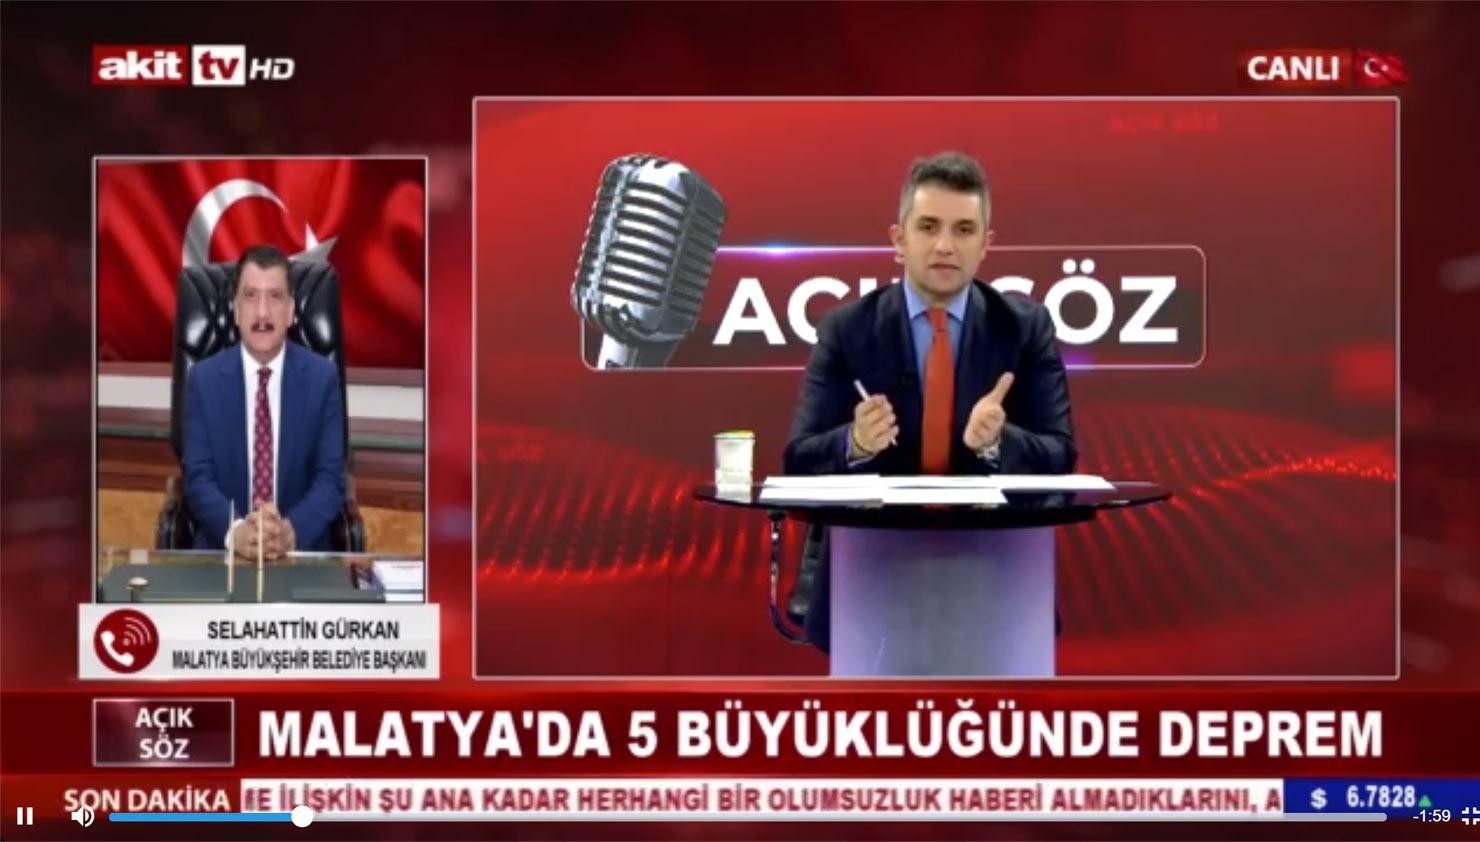 Başkan Gürkan deprem sonrası Akit TV'ye bağlandı